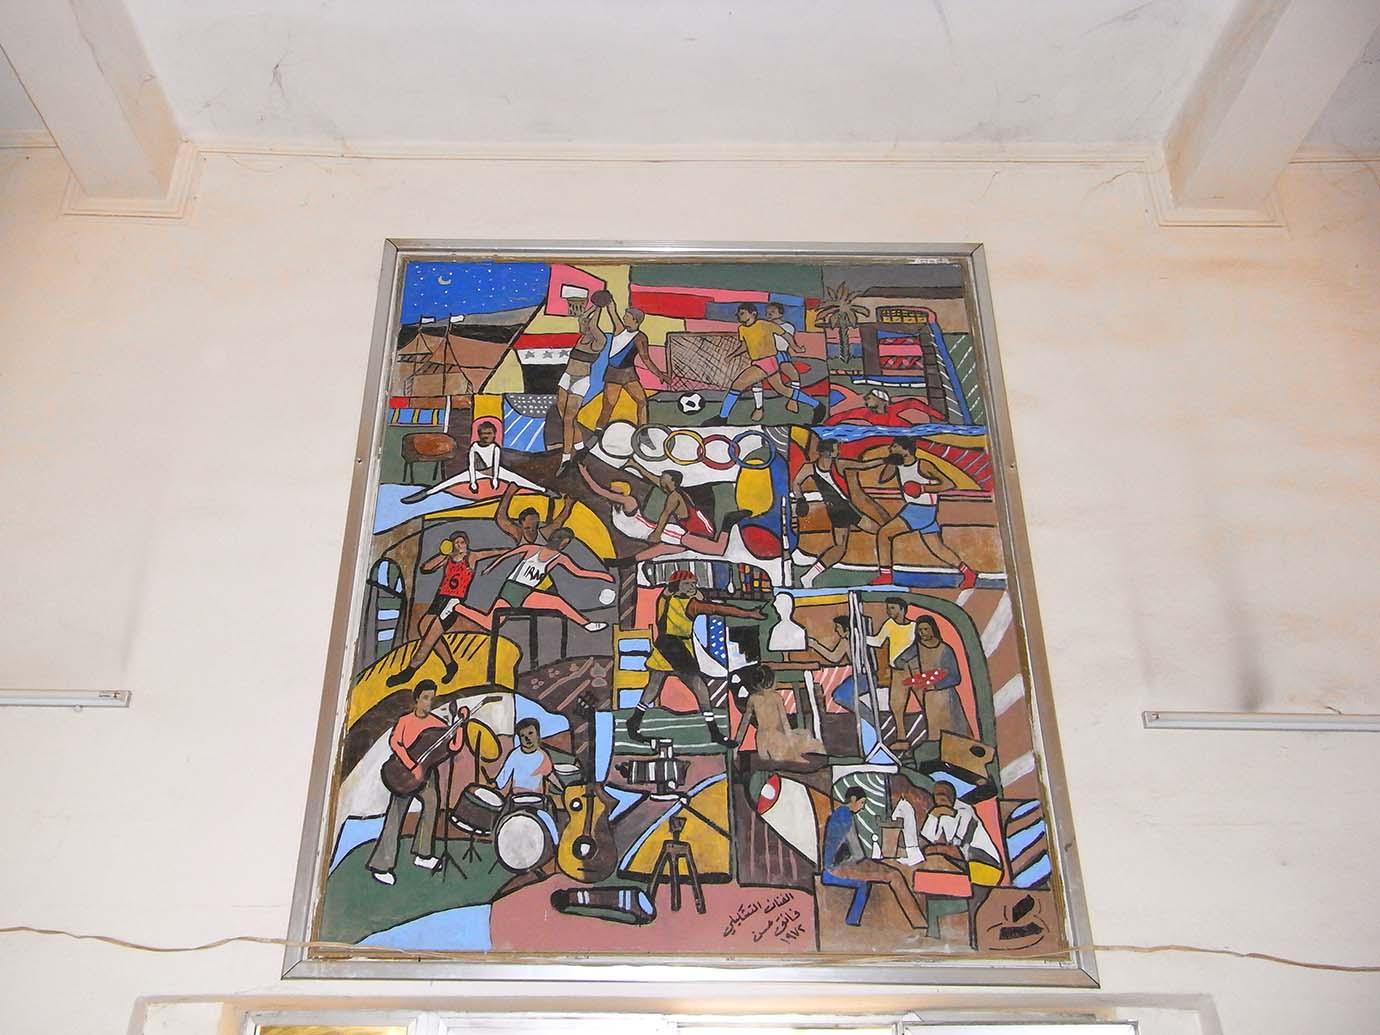 8. Détail du panneau signé de Faiq Hassan daté de 1972. Le peintre avait été chargé de représenter l'unité populaire à travers les jeux de société, les arts et les sports. Caecilia Pieri, 2011.